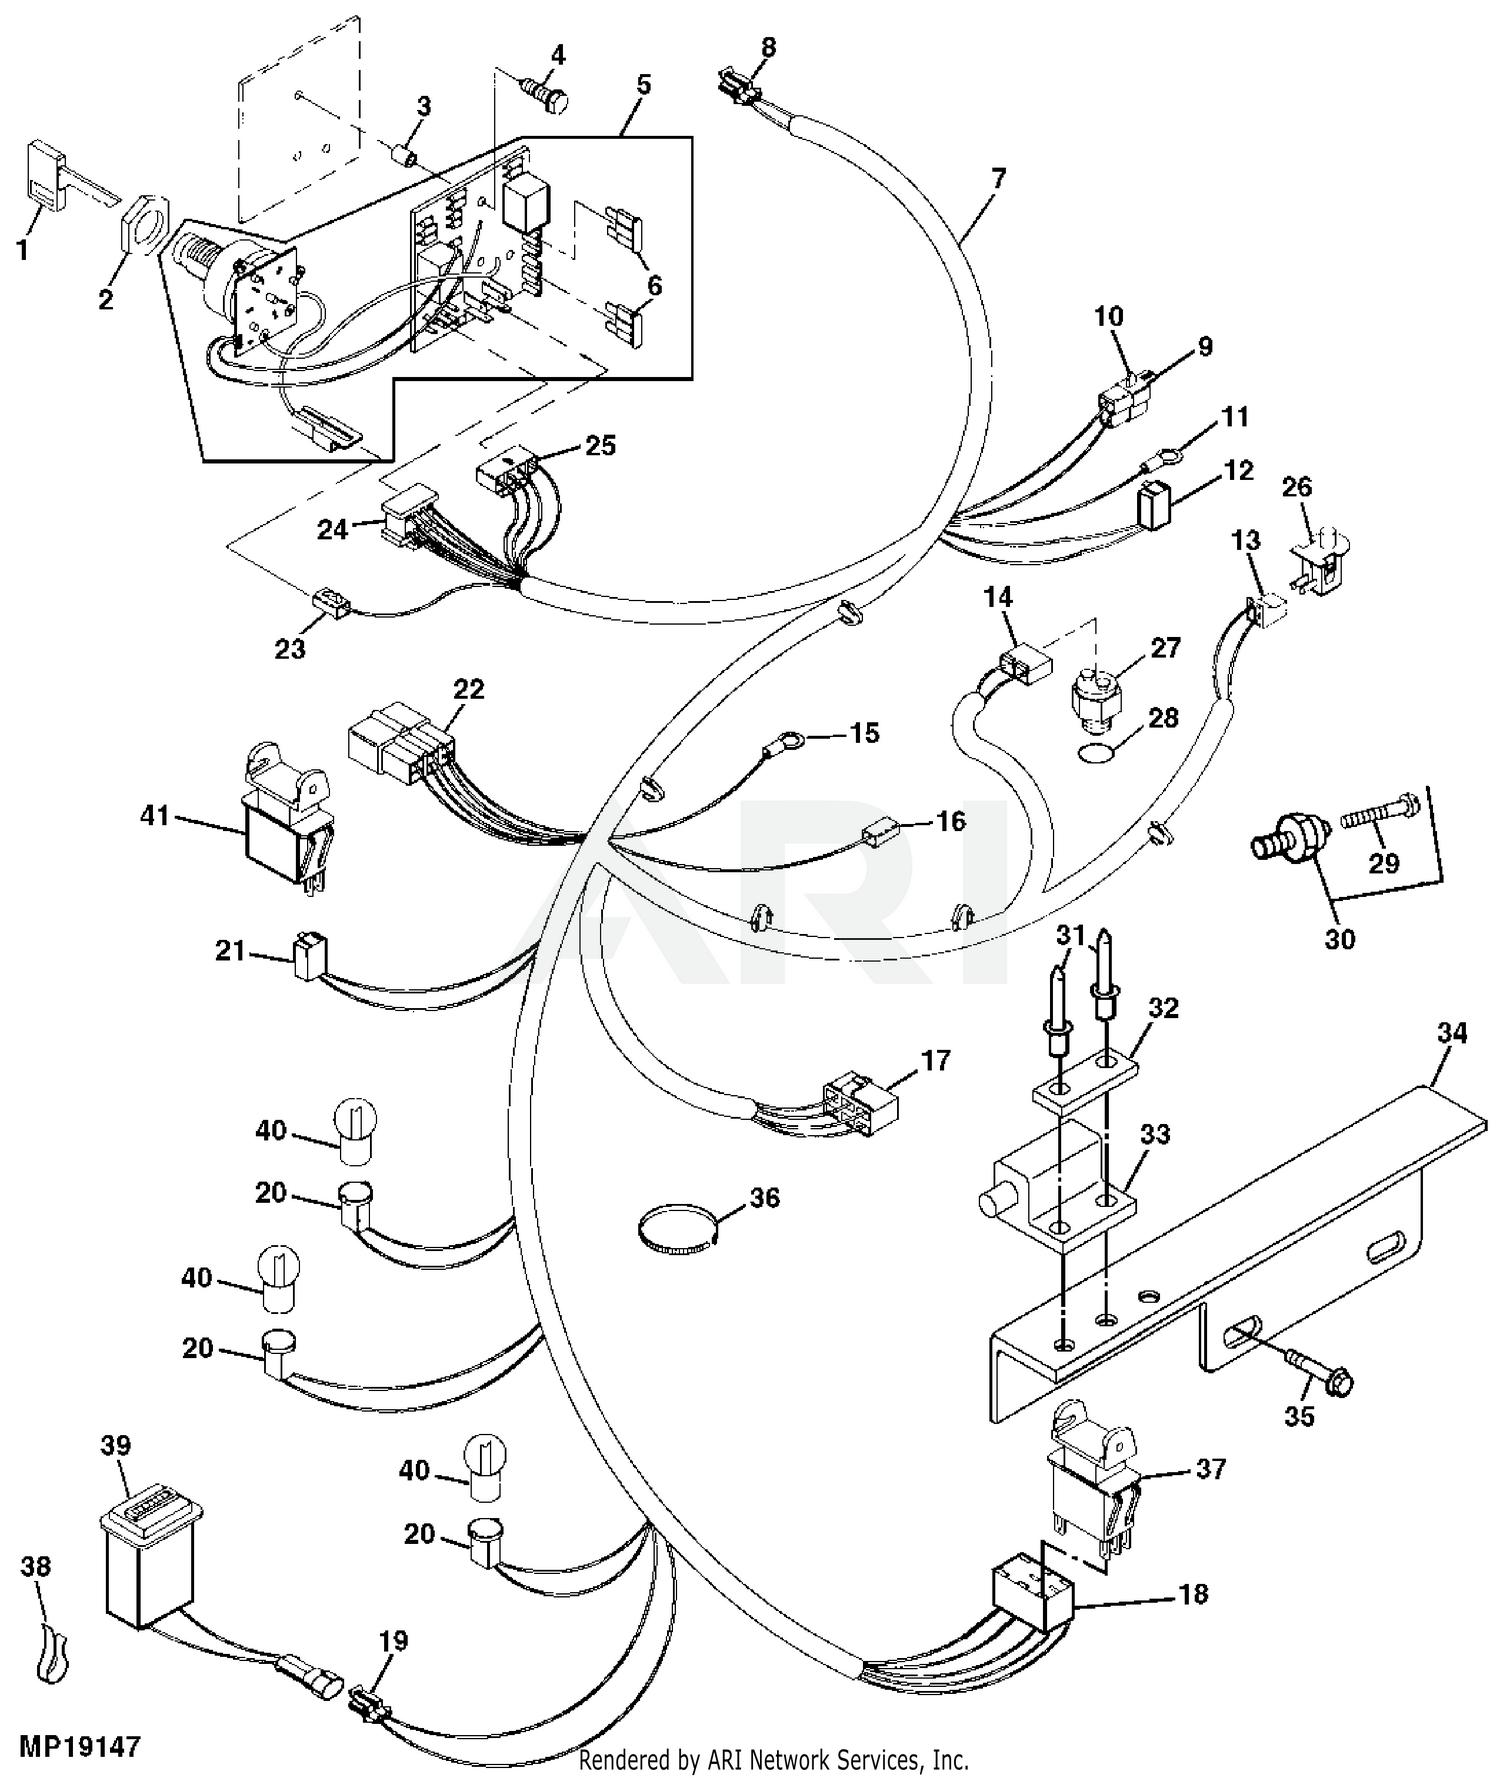 John Deere 335 Lawn & Garden Tractors Without Mower Deck -PC2428 1999 Model  M00335C070001-085000 335 Lawn & Garden Tractors Without Mower Deck -PC2428  2000 Model M00335C085001-095000 335 Lawn & Garden Tractors Without | John Deere 345 Engine Diagram |  | Weingartz